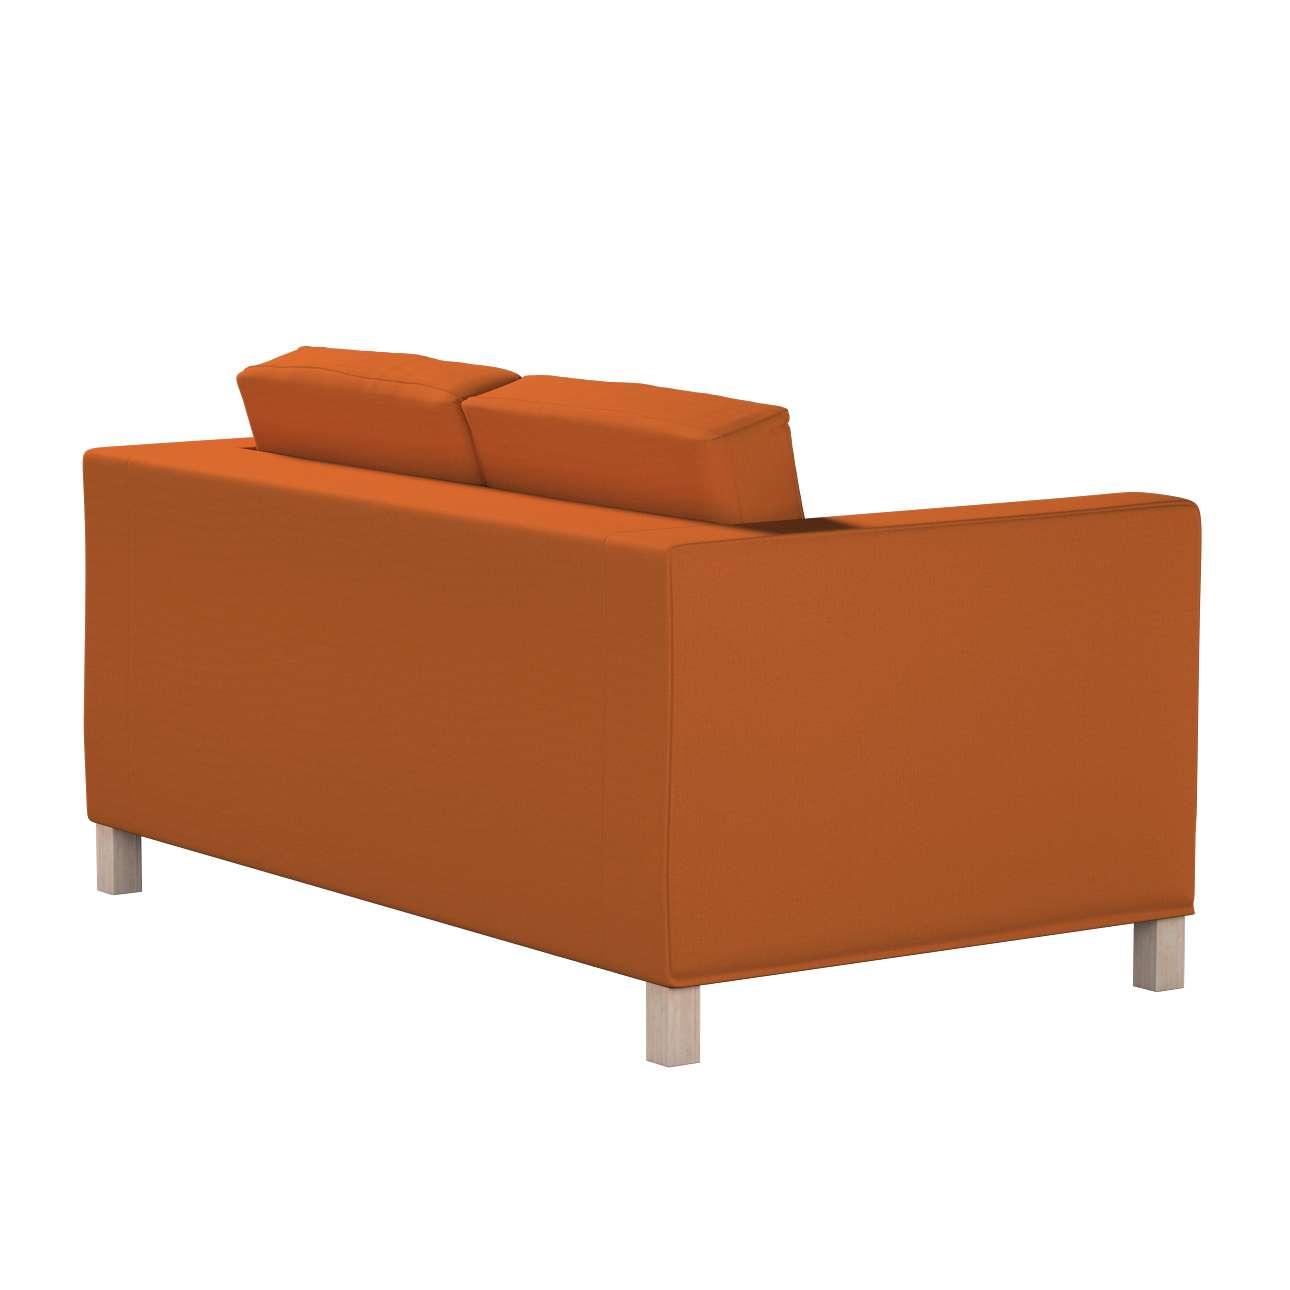 Pokrowiec na sofę Karlanda 2-osobową nierozkładaną, krótki w kolekcji Cotton Panama, tkanina: 702-42